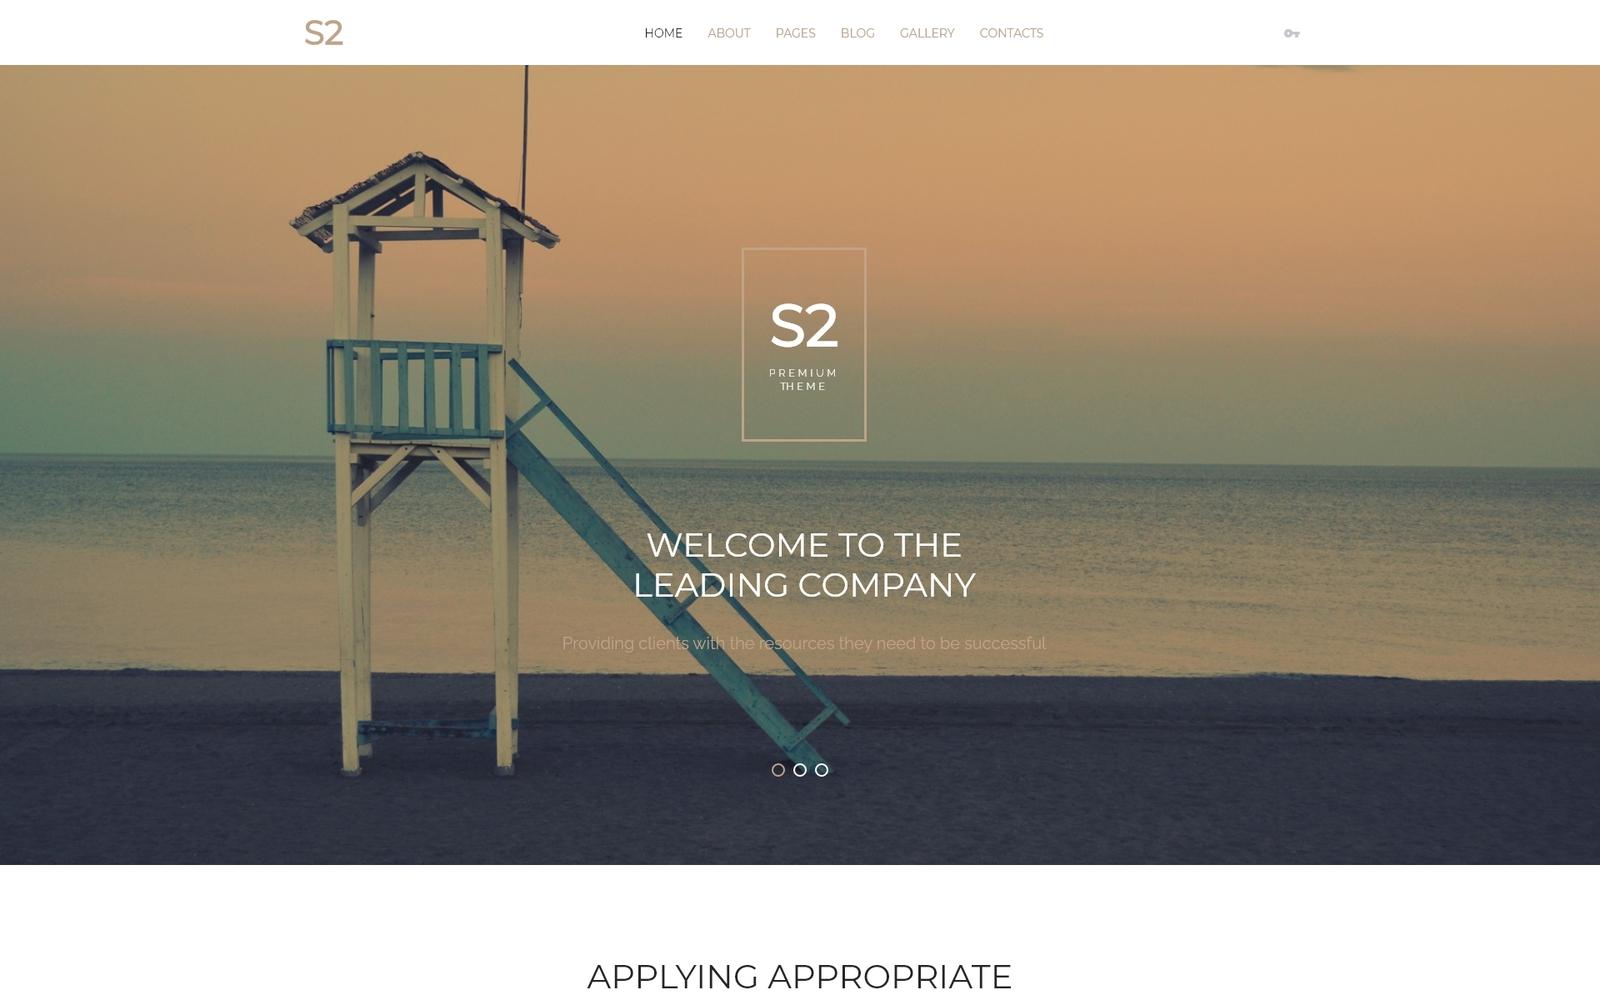 Responsywny szablon Joomla S2 Business Company #57752